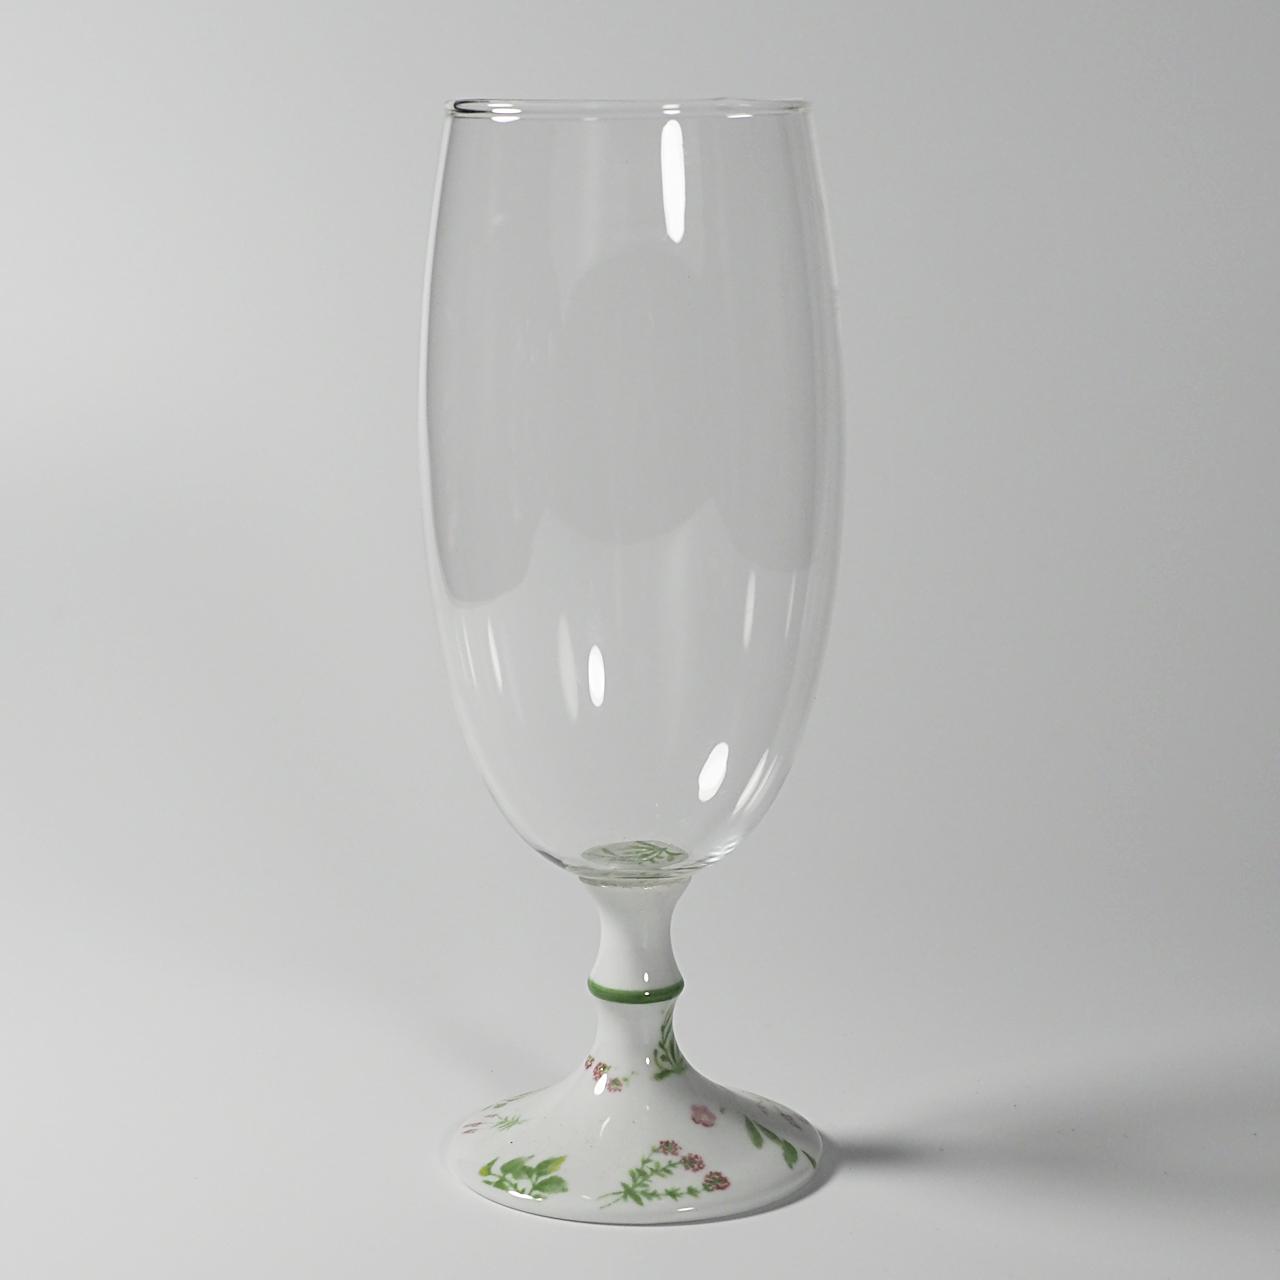 ビールグラス (ハーブガーデン) 20-415